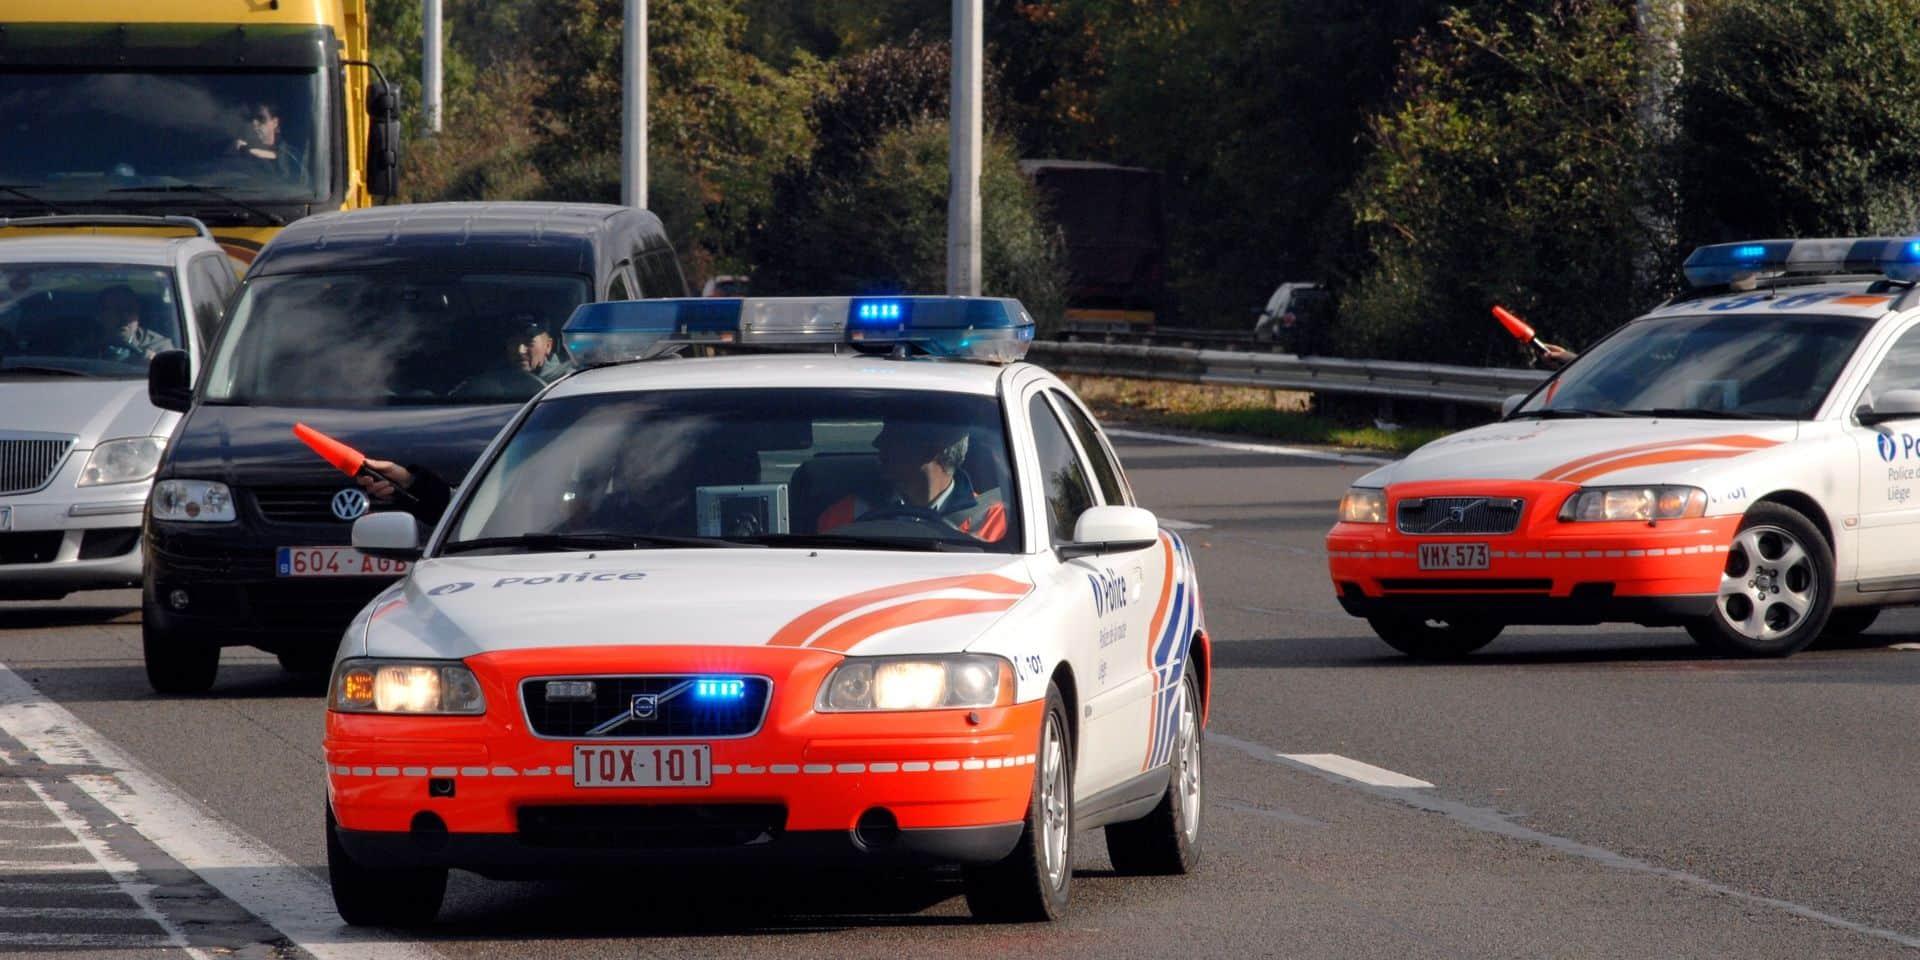 Un motard perd la vie sur la E40: une conductrice fantôme est à l'origine de l'accident